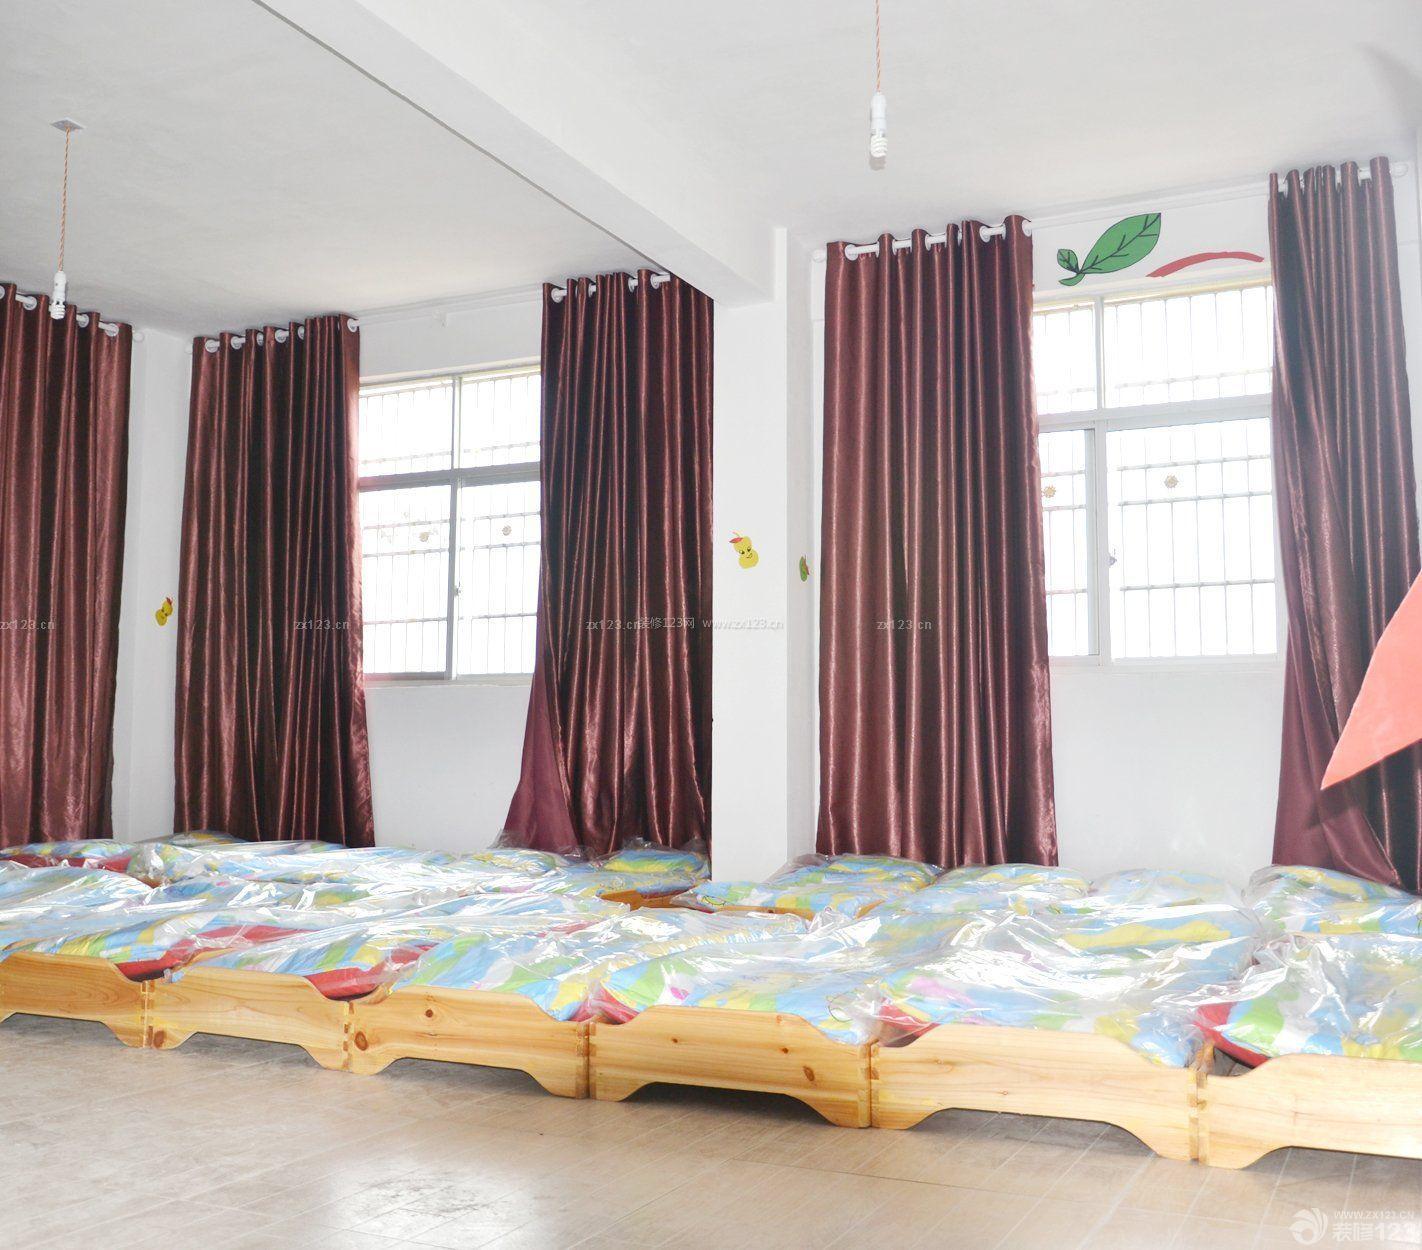 某小型幼儿园室内小孩床设计图片